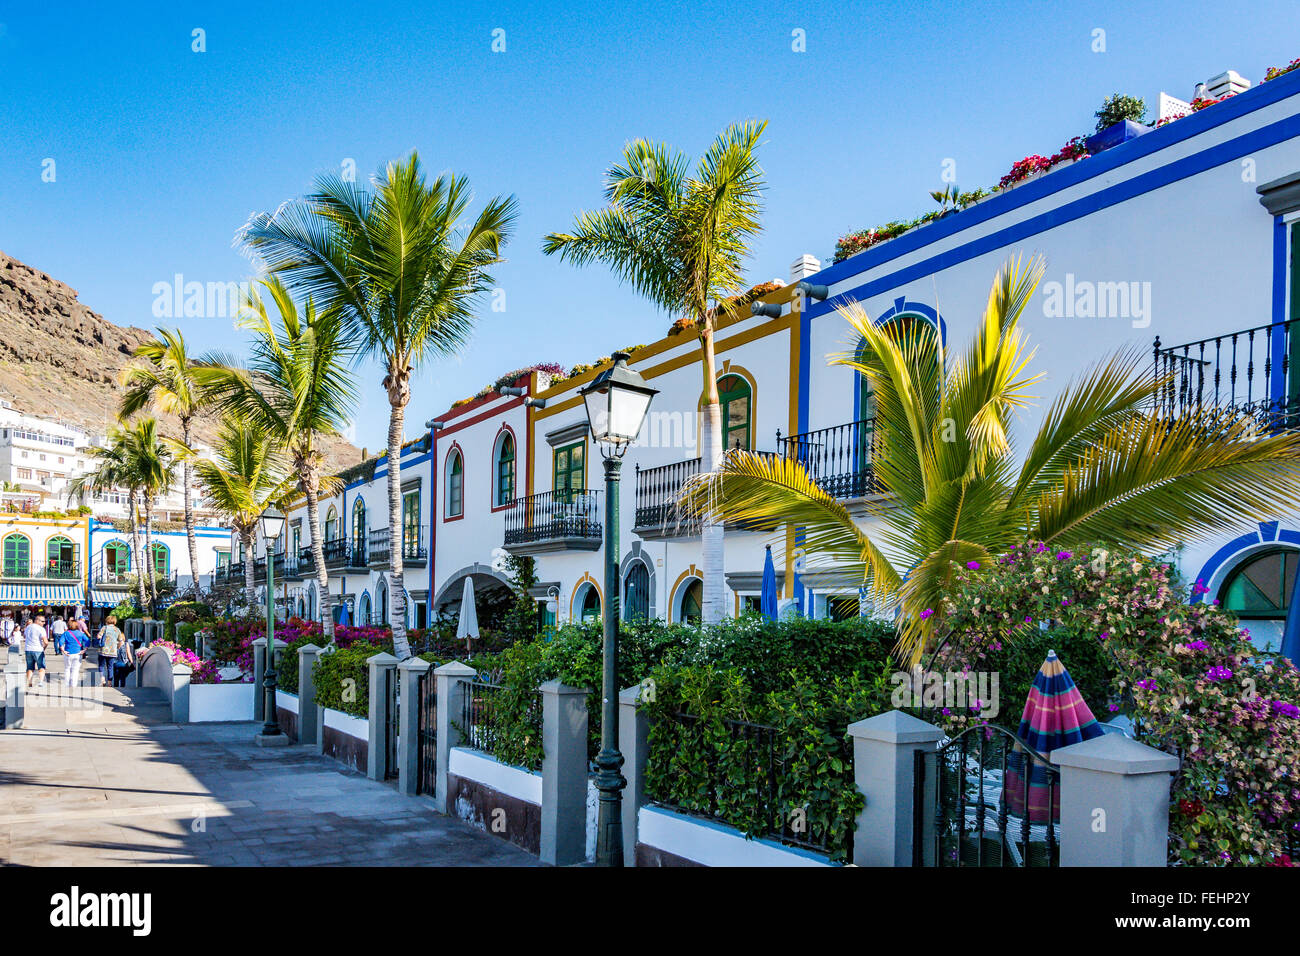 Puerto de Mogan, eine wunderschöne, romantische Stadt auf Gran Canaria, Spanien Stockbild